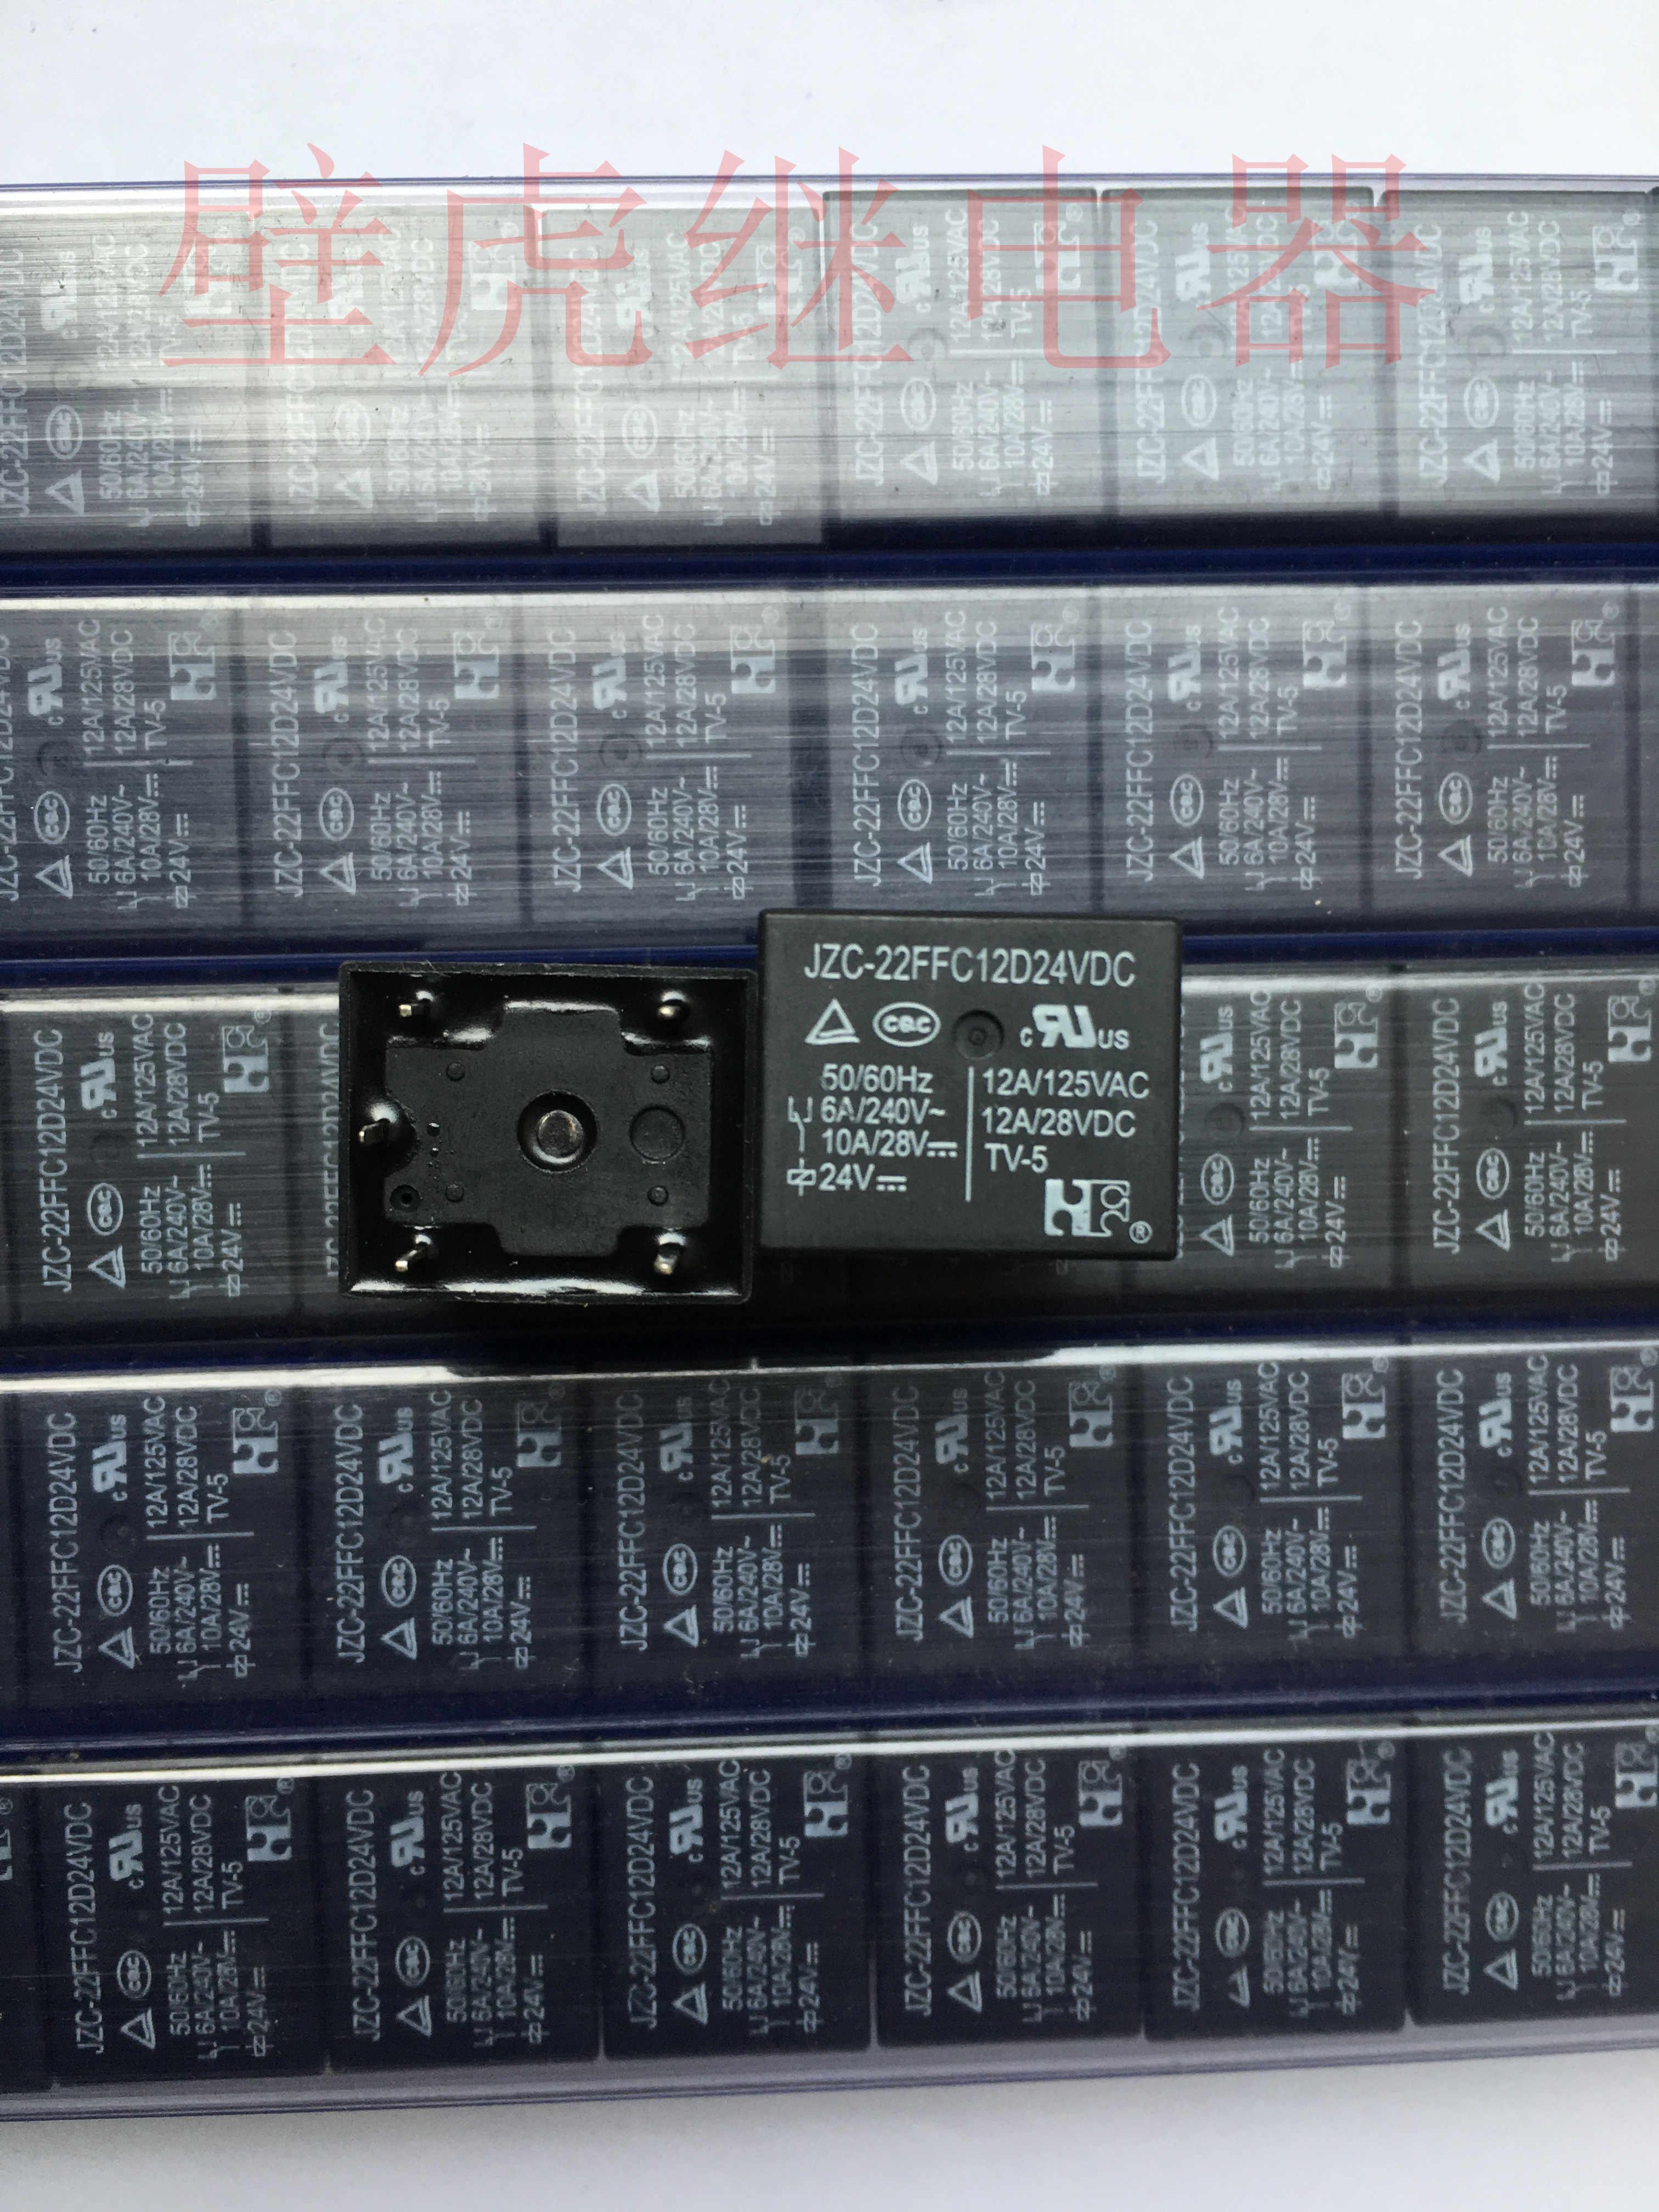 JZC-22FFC12L12VDC Power Relay DC12V 5 Pins 12A 25VAC x  2PCS